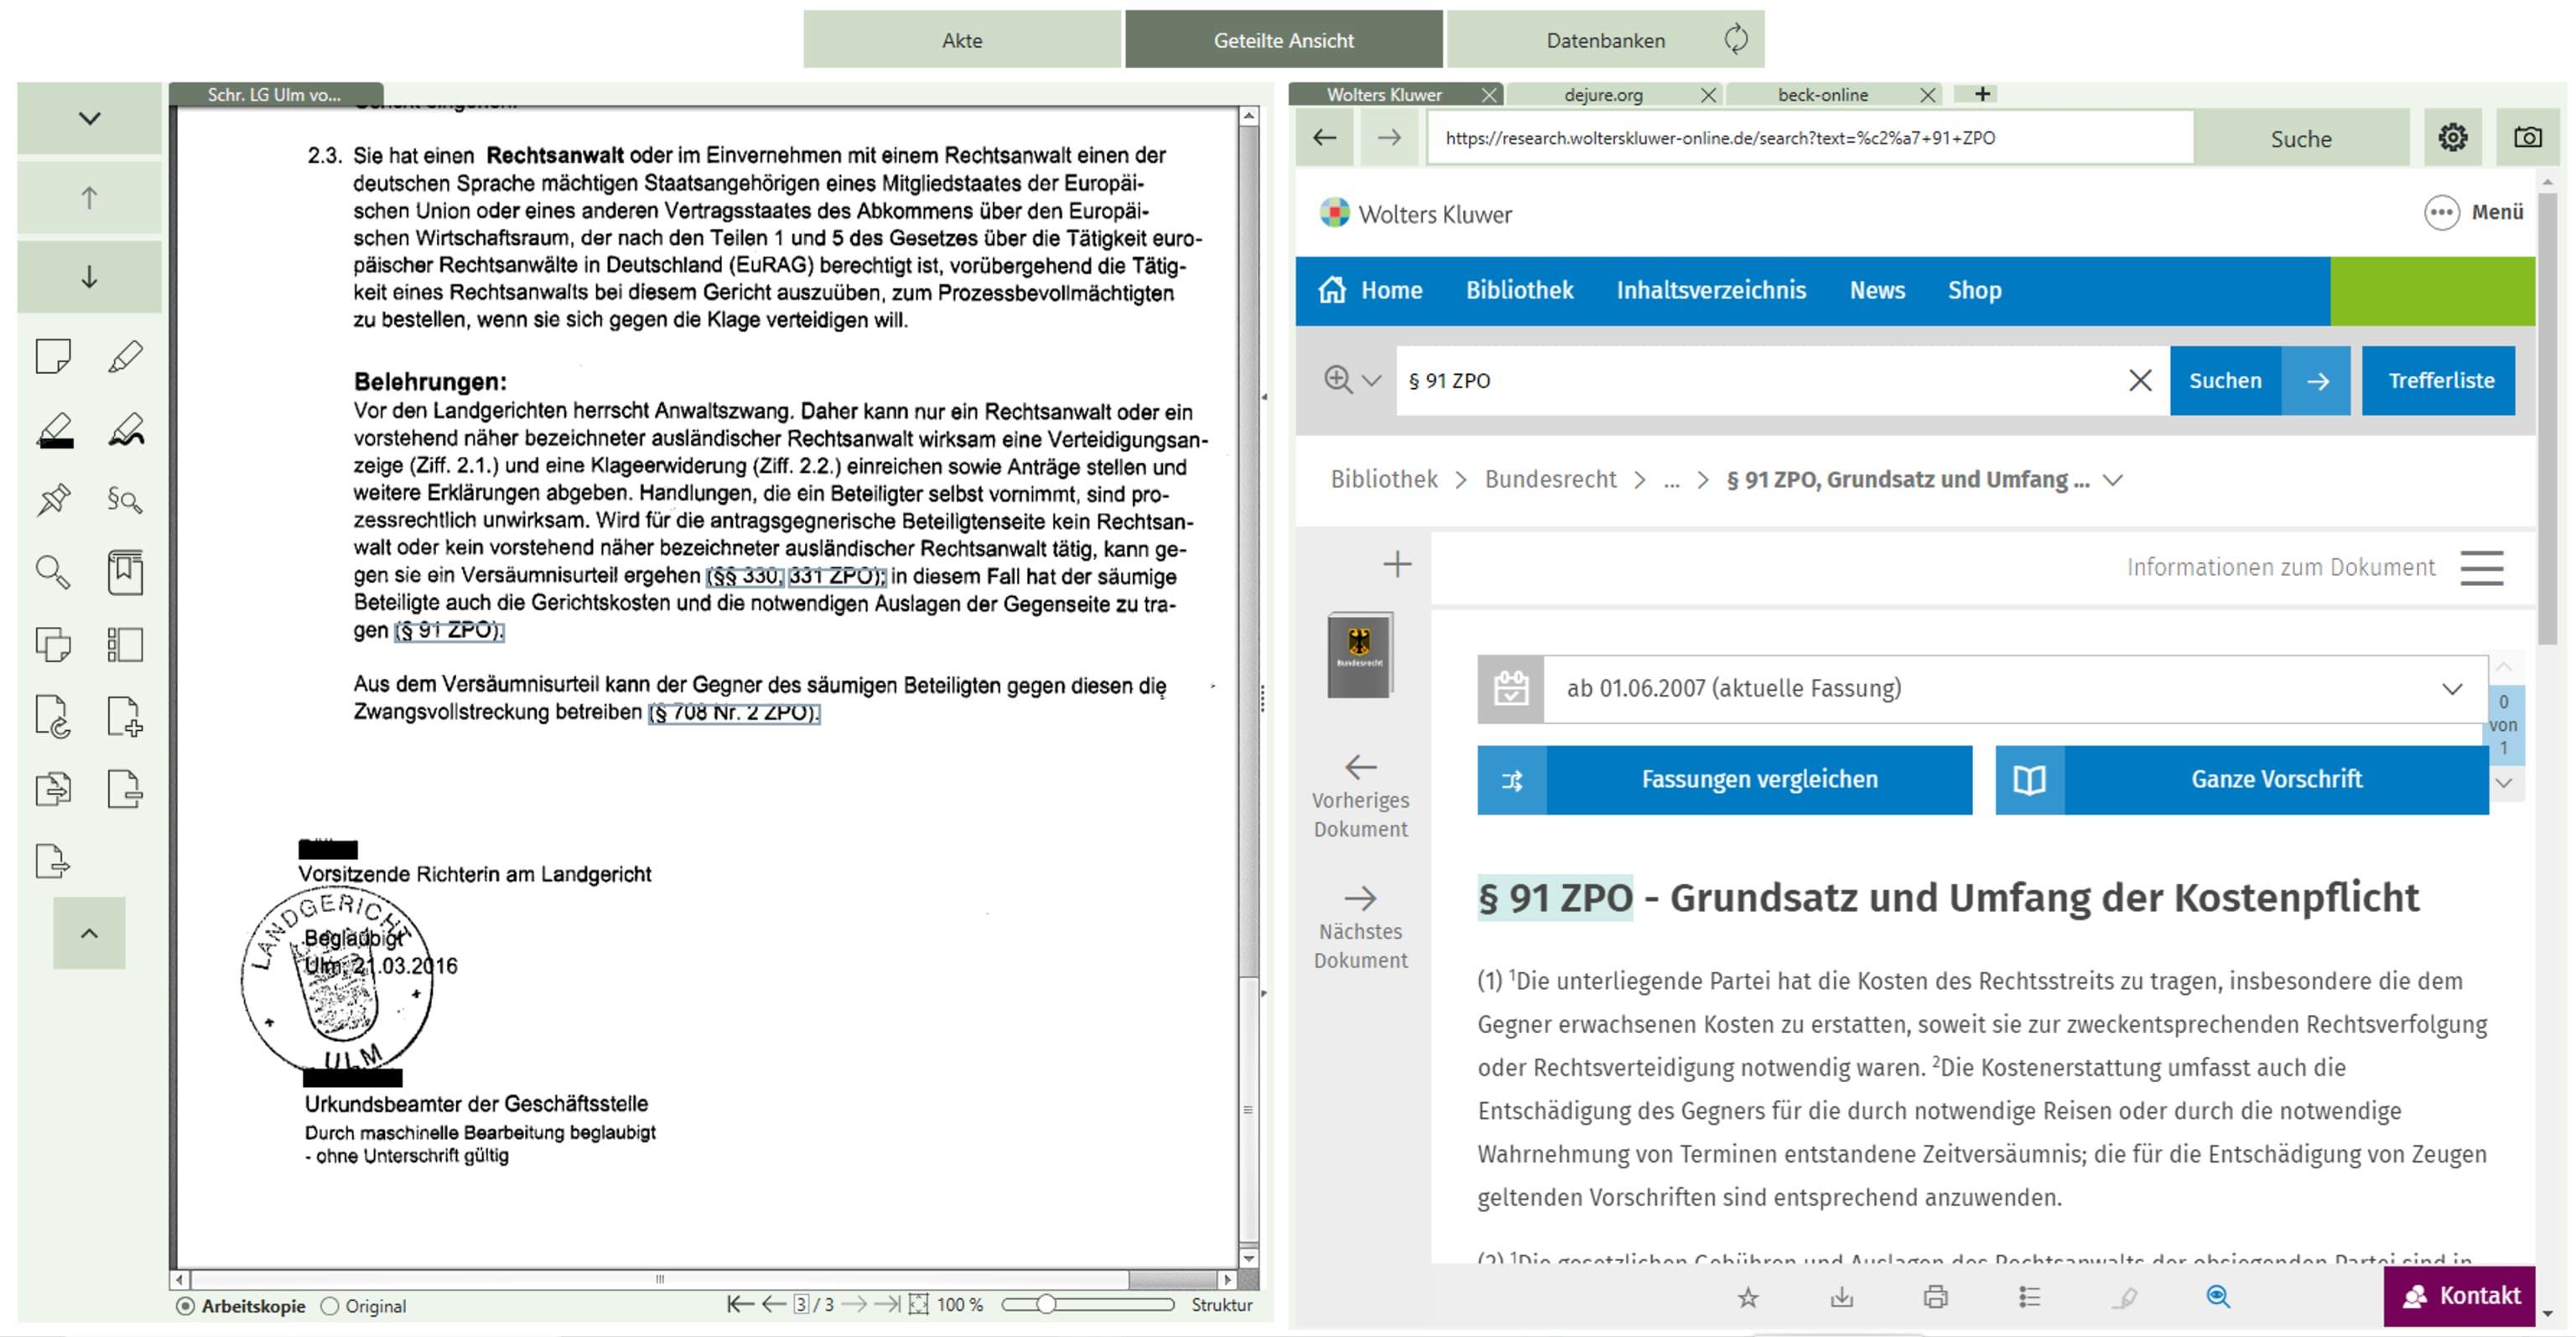 Die smarte AnwaltsAkte von AnNoText durchsucht Dokumente in sekundenschnelle nach Rechtsquellen und verlinkt diese automatisch.